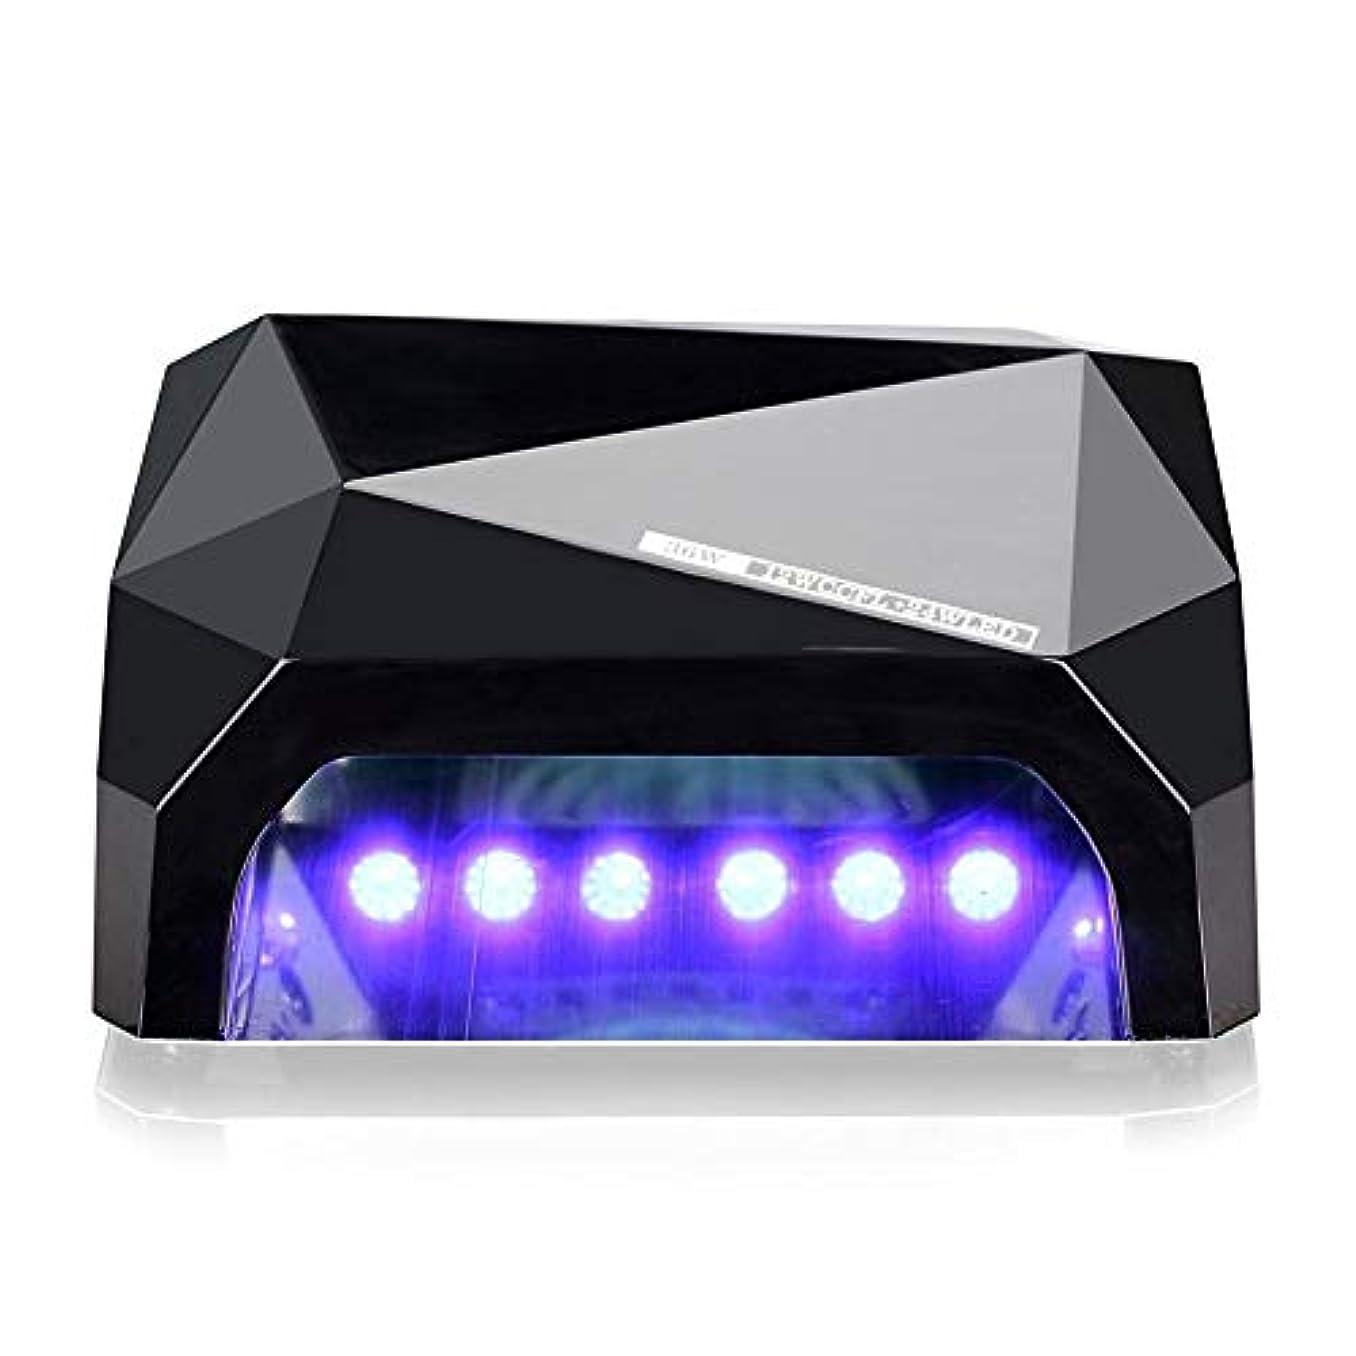 社交的破壊的なキャメル36W LED UVネイルランプネイルライトドライヤー用硬化ジェルネイルポリッシュ用ネイルアートマニキュアツール3タイムプレセット(10秒30秒60秒)6色